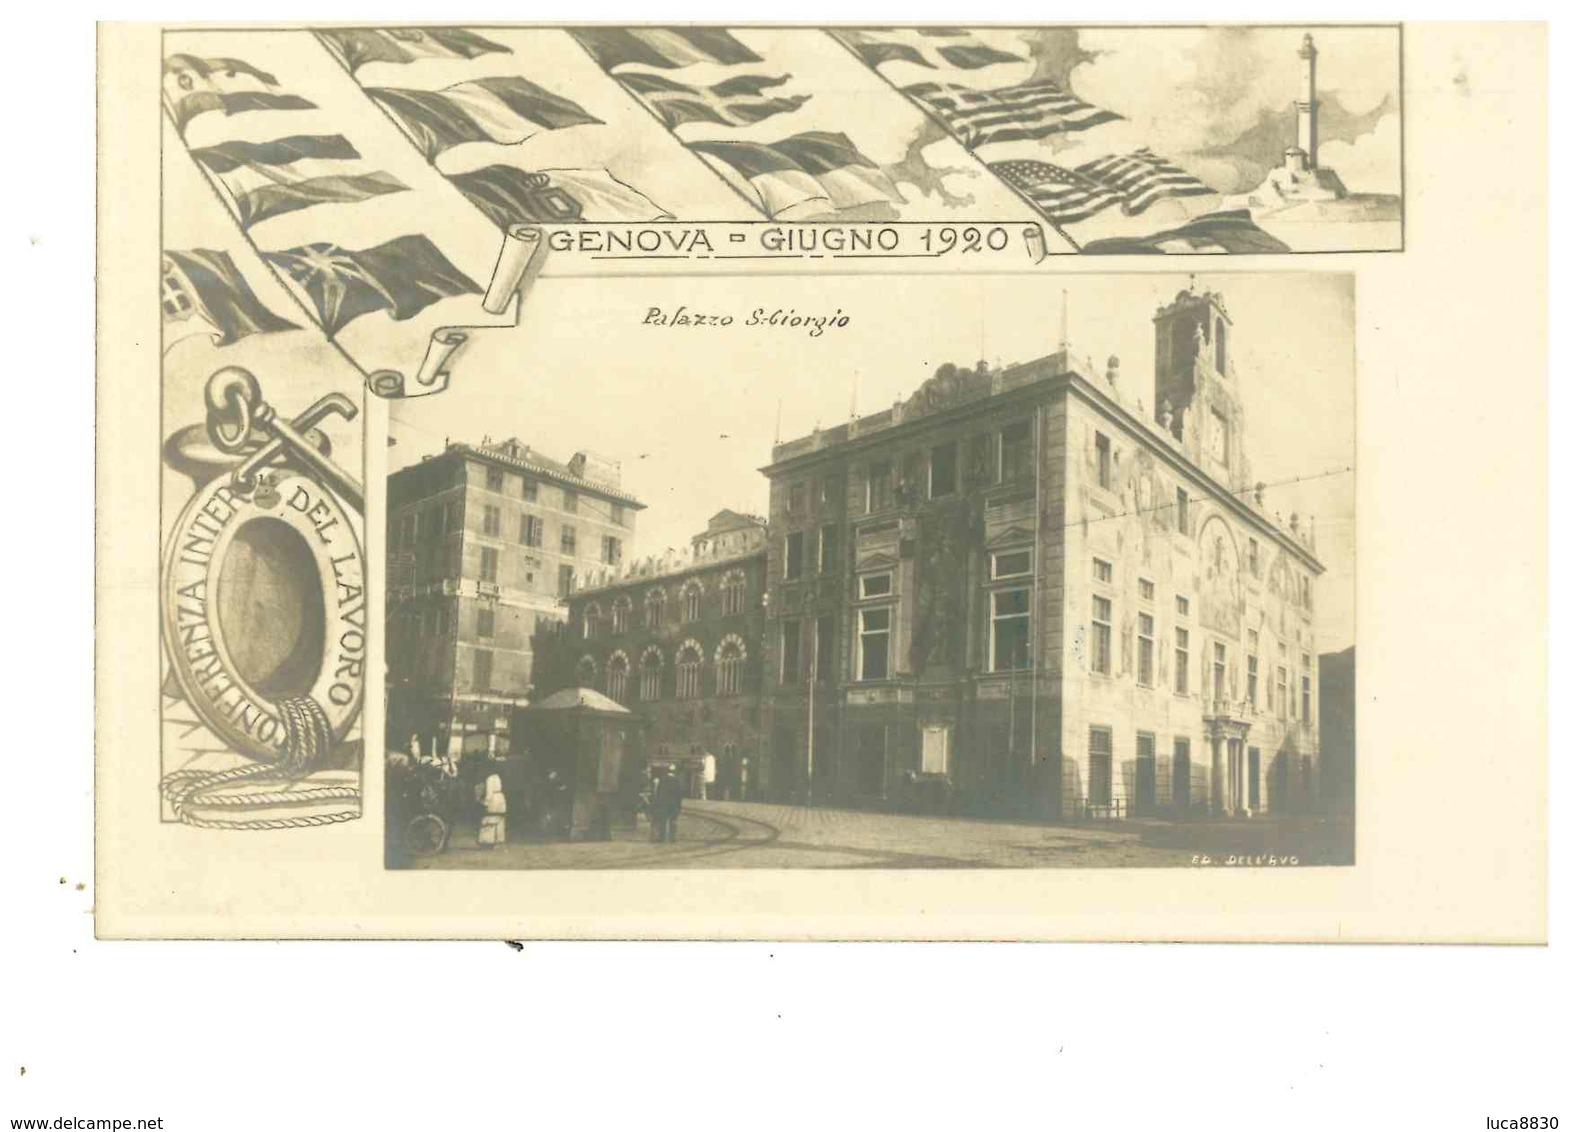 GENOVA CONFERENZA DEL LAVORO 1920 - Genova (Genoa)